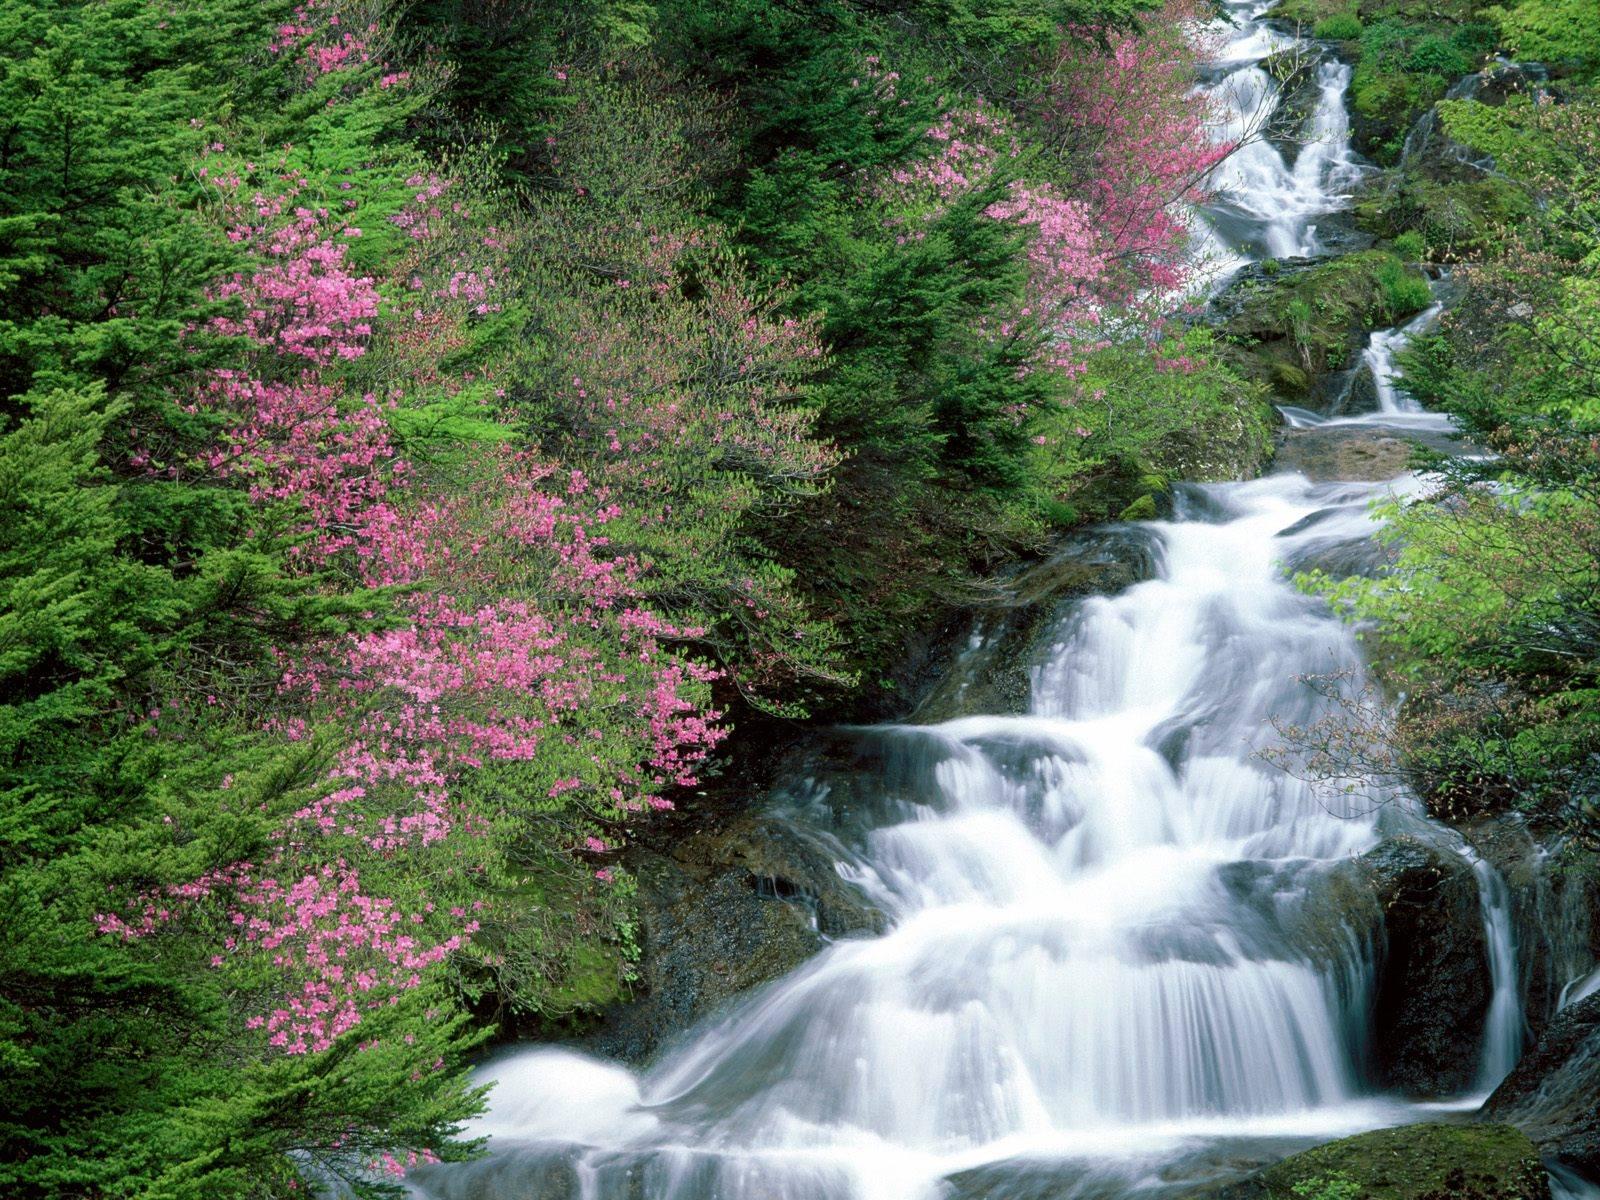 Great waterfall wallpaper Wallpaper Wide HD 1600x1200